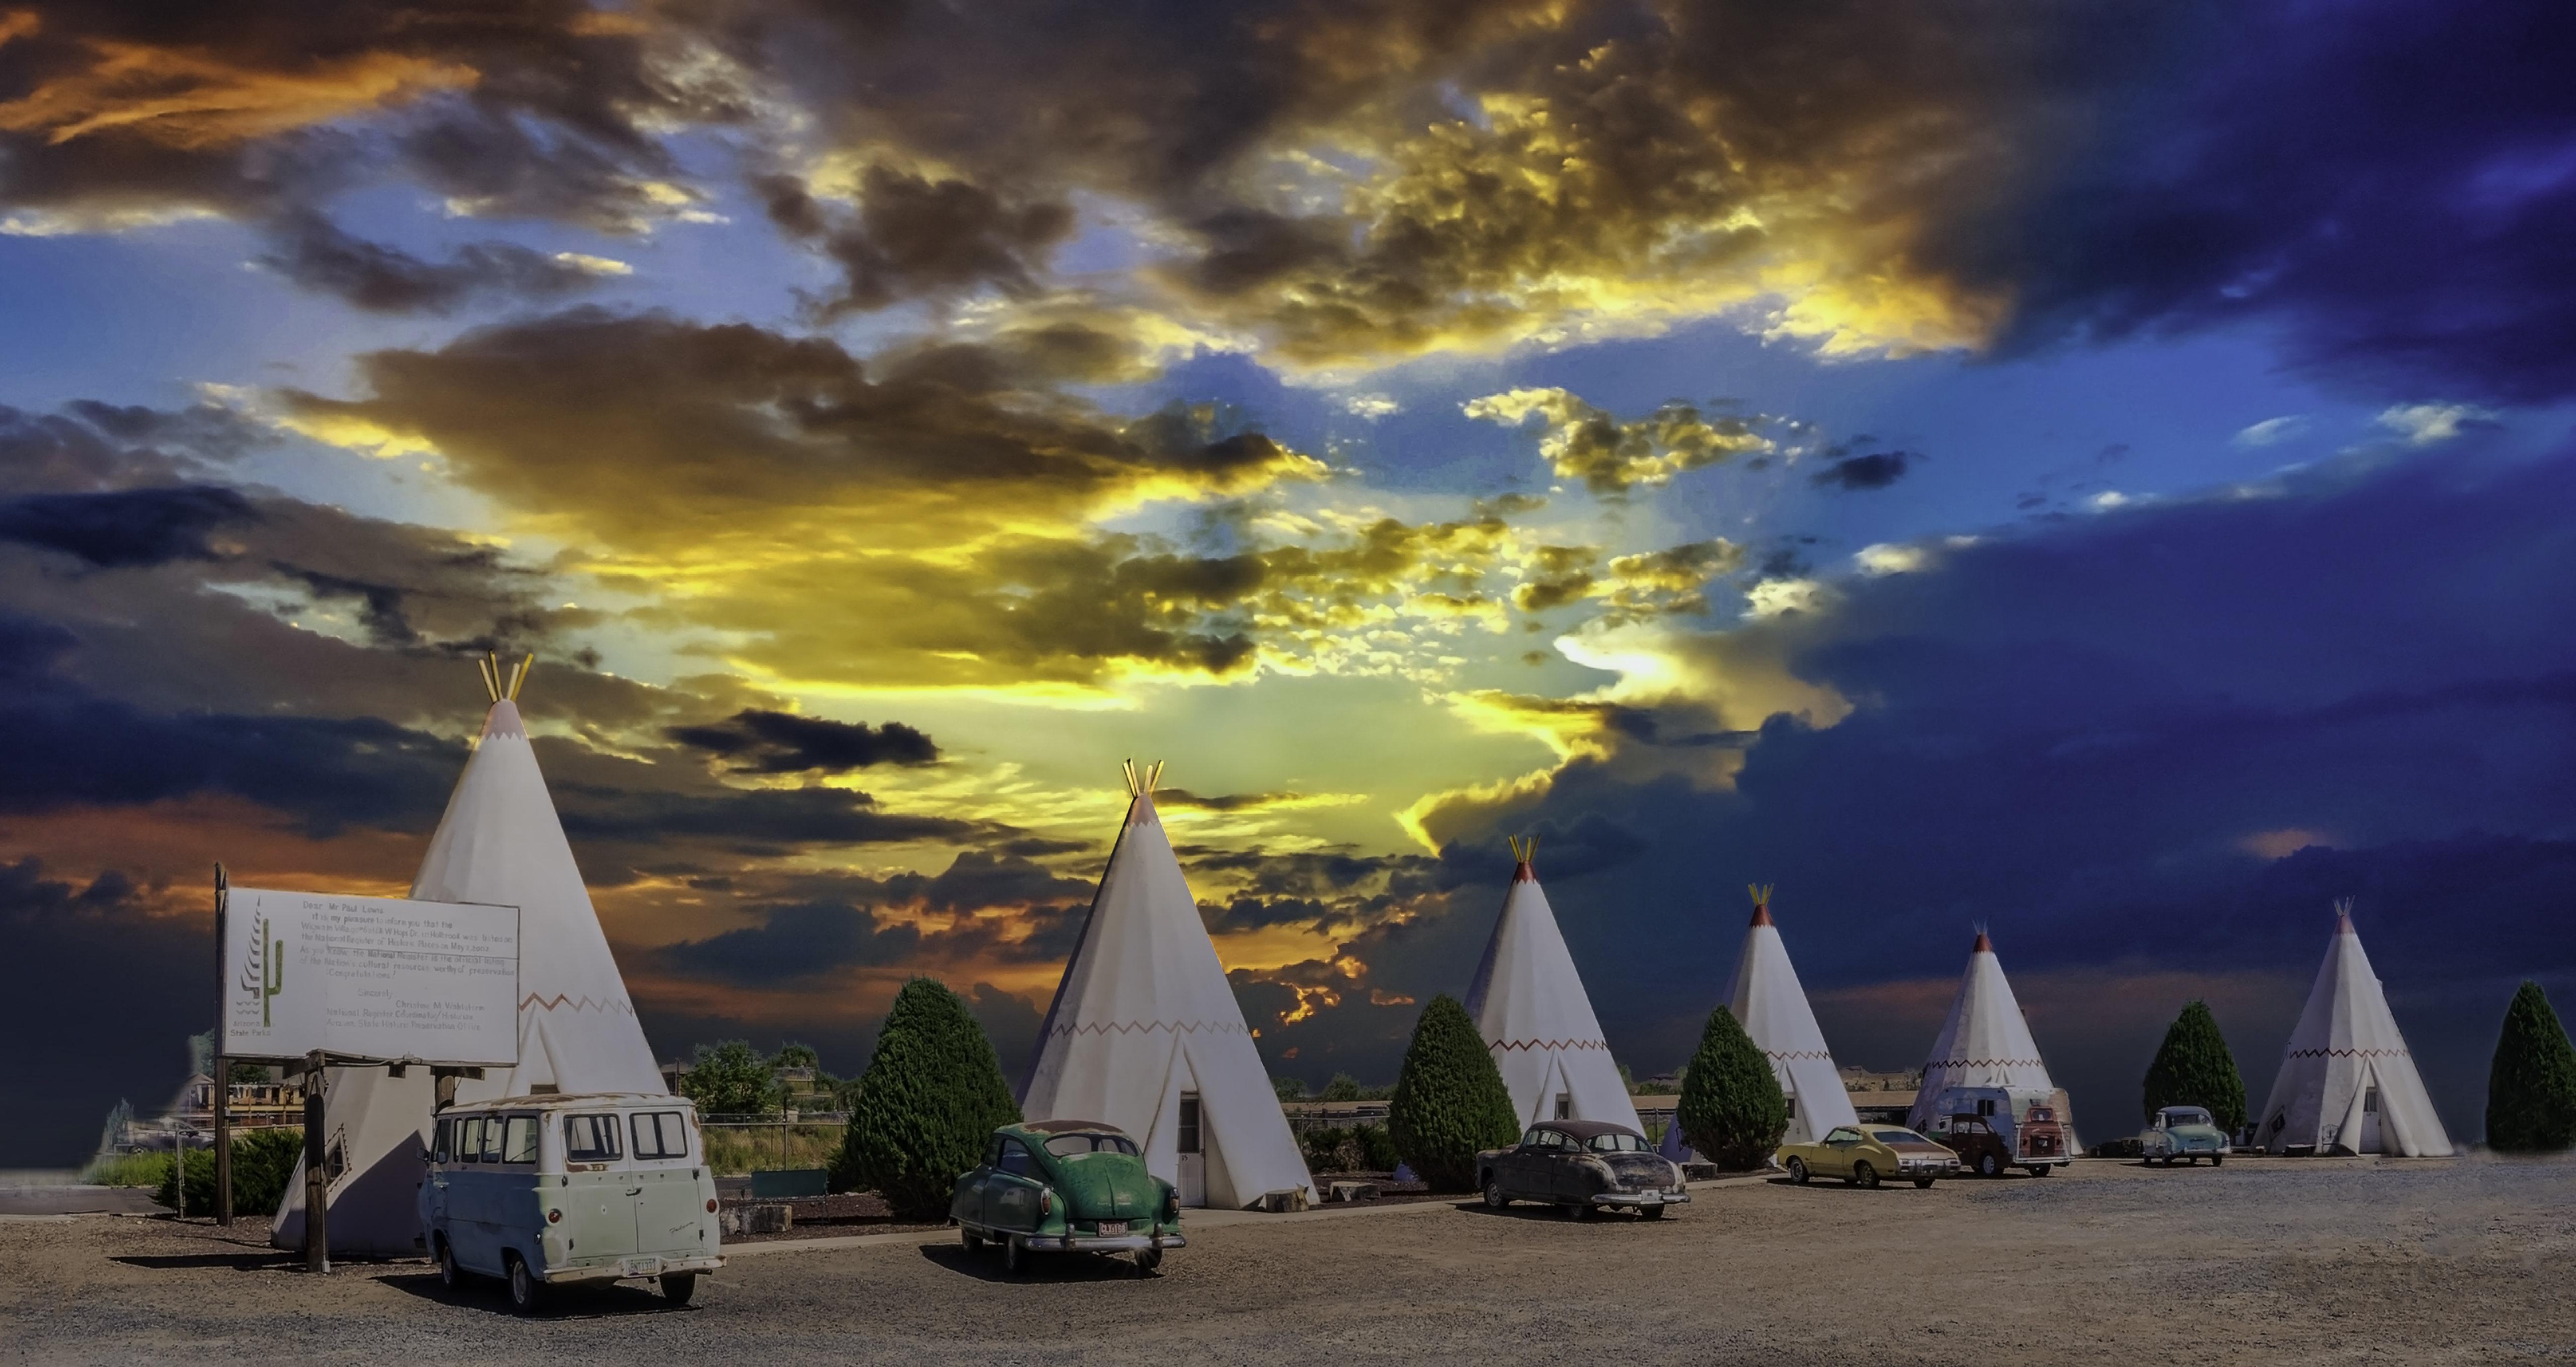 Wigwam Motel No. 6 – 811 West Hopi Drive, Holbrook, Arizona U.S.A. - May 28, 2018